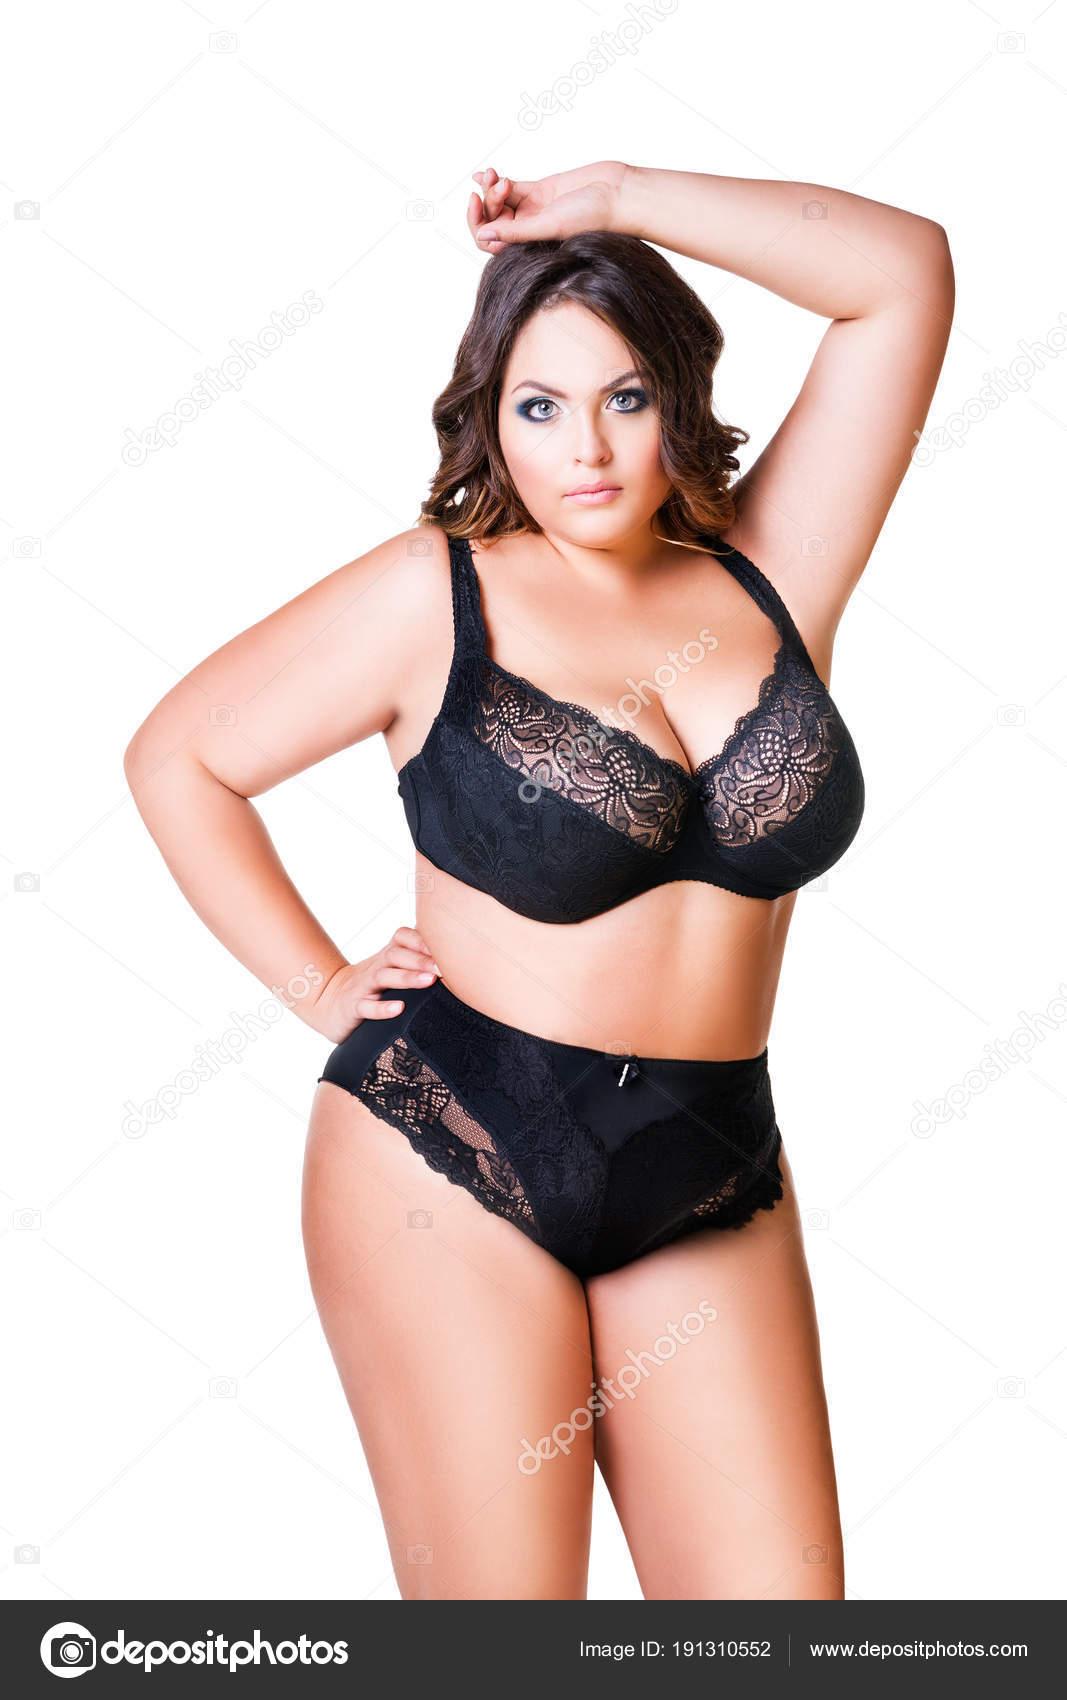 Grosse Femme Sexy Photo taille mannequin sexy en lingerie noire, grosse femme isolée sur